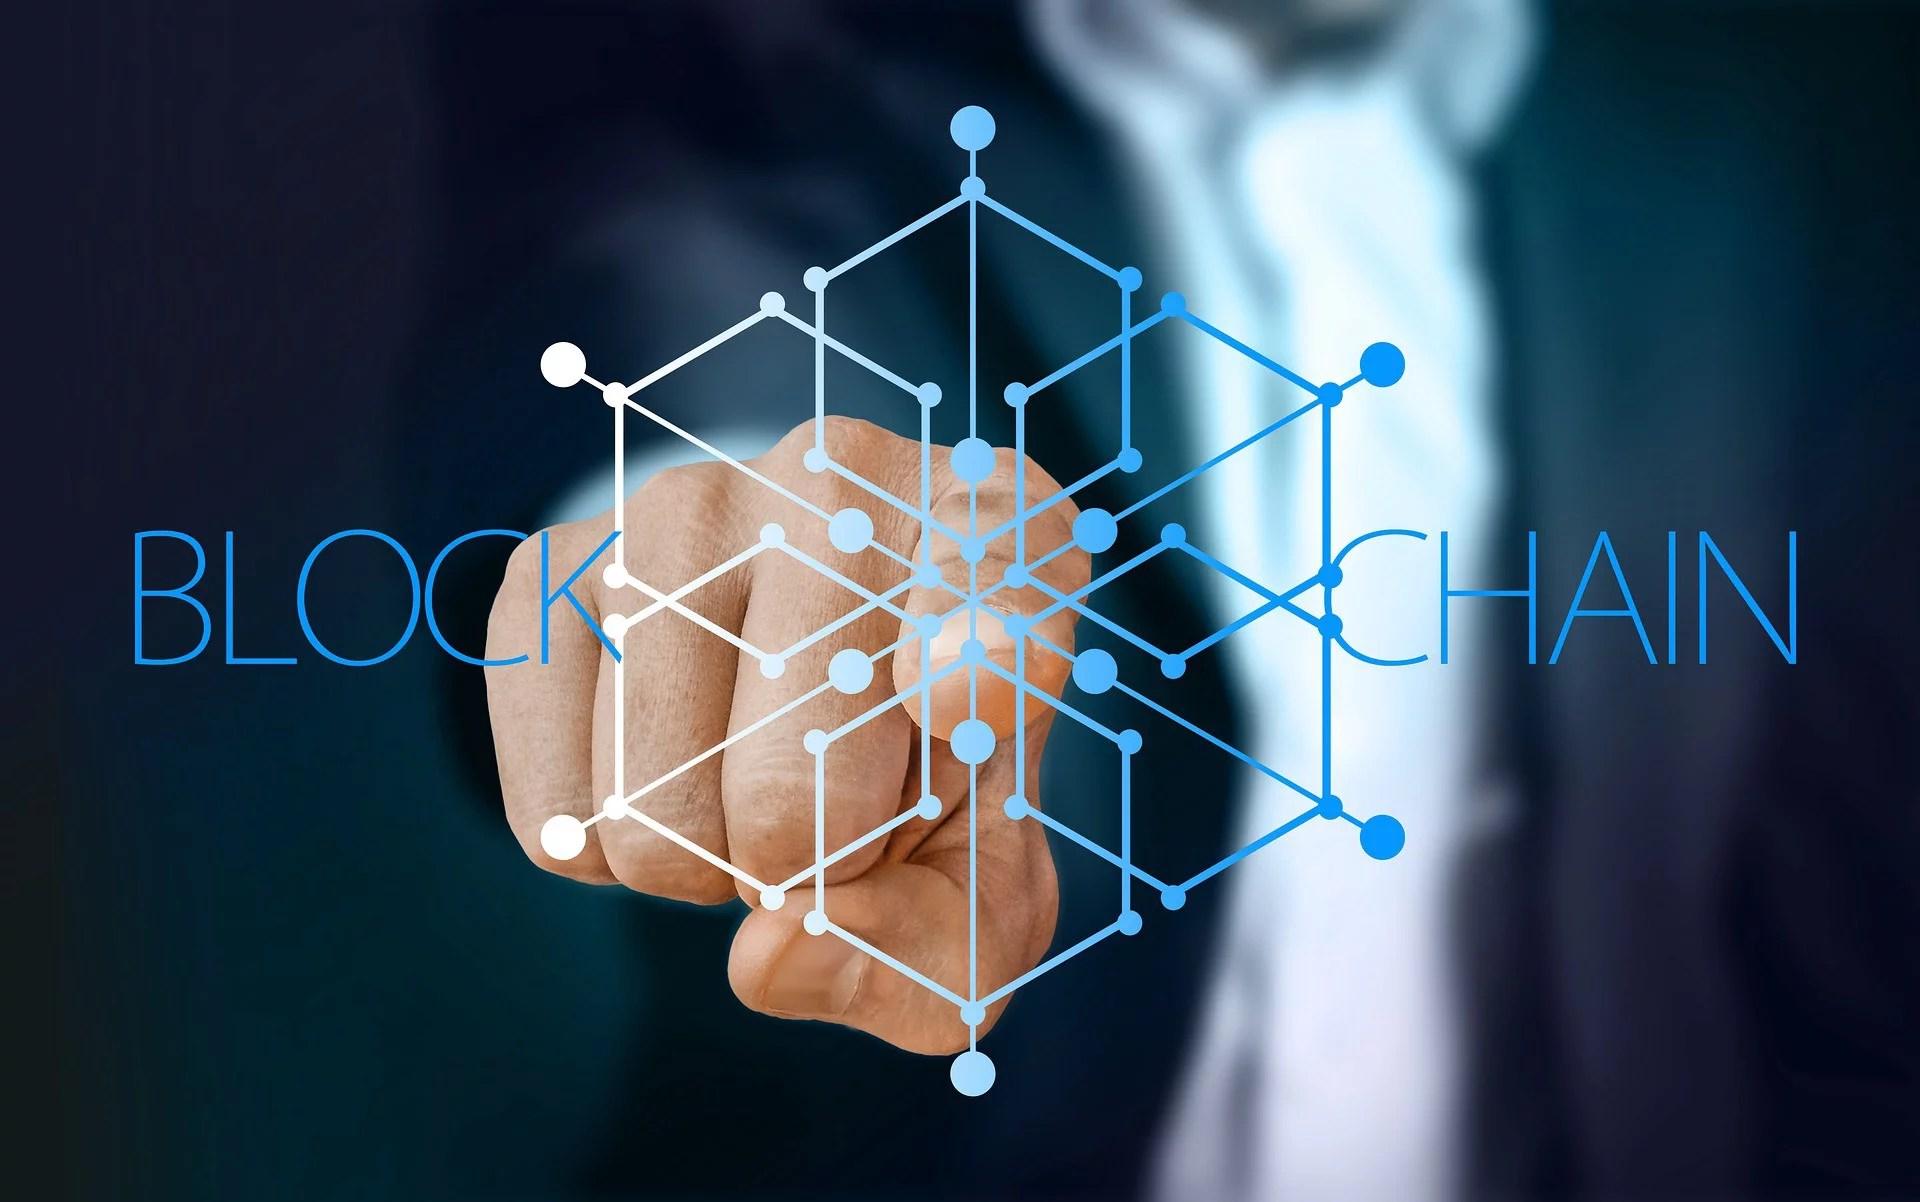 Según un informe, los ingresos del mercado Blockchain superará los 16 mil millones de dólares para 2024